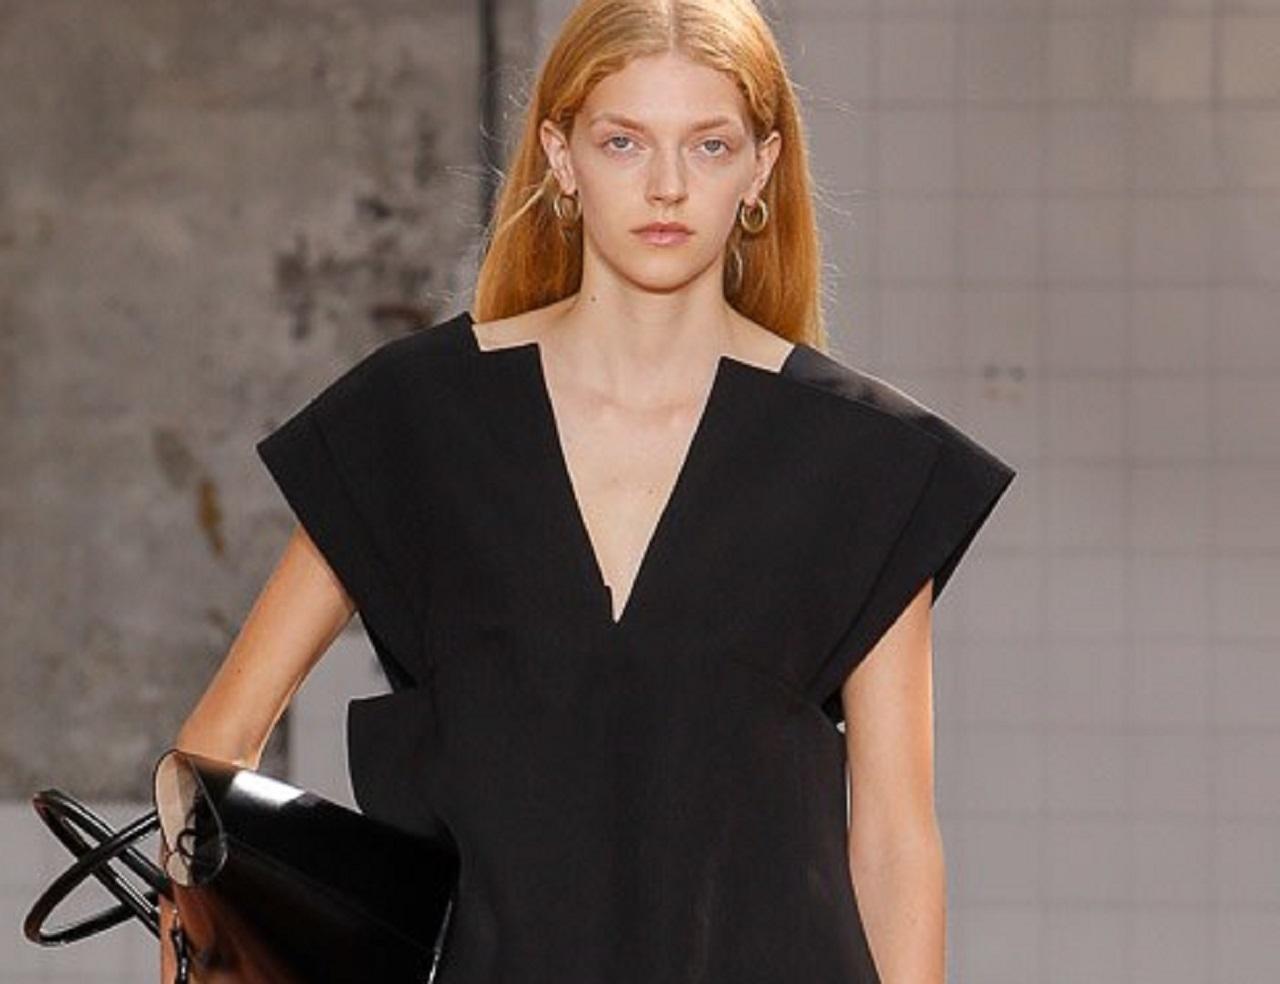 Сланцы на огромной подошве, геометричные рубашки и минимум цвета: смотрим весенне-летний показ Jil Sander